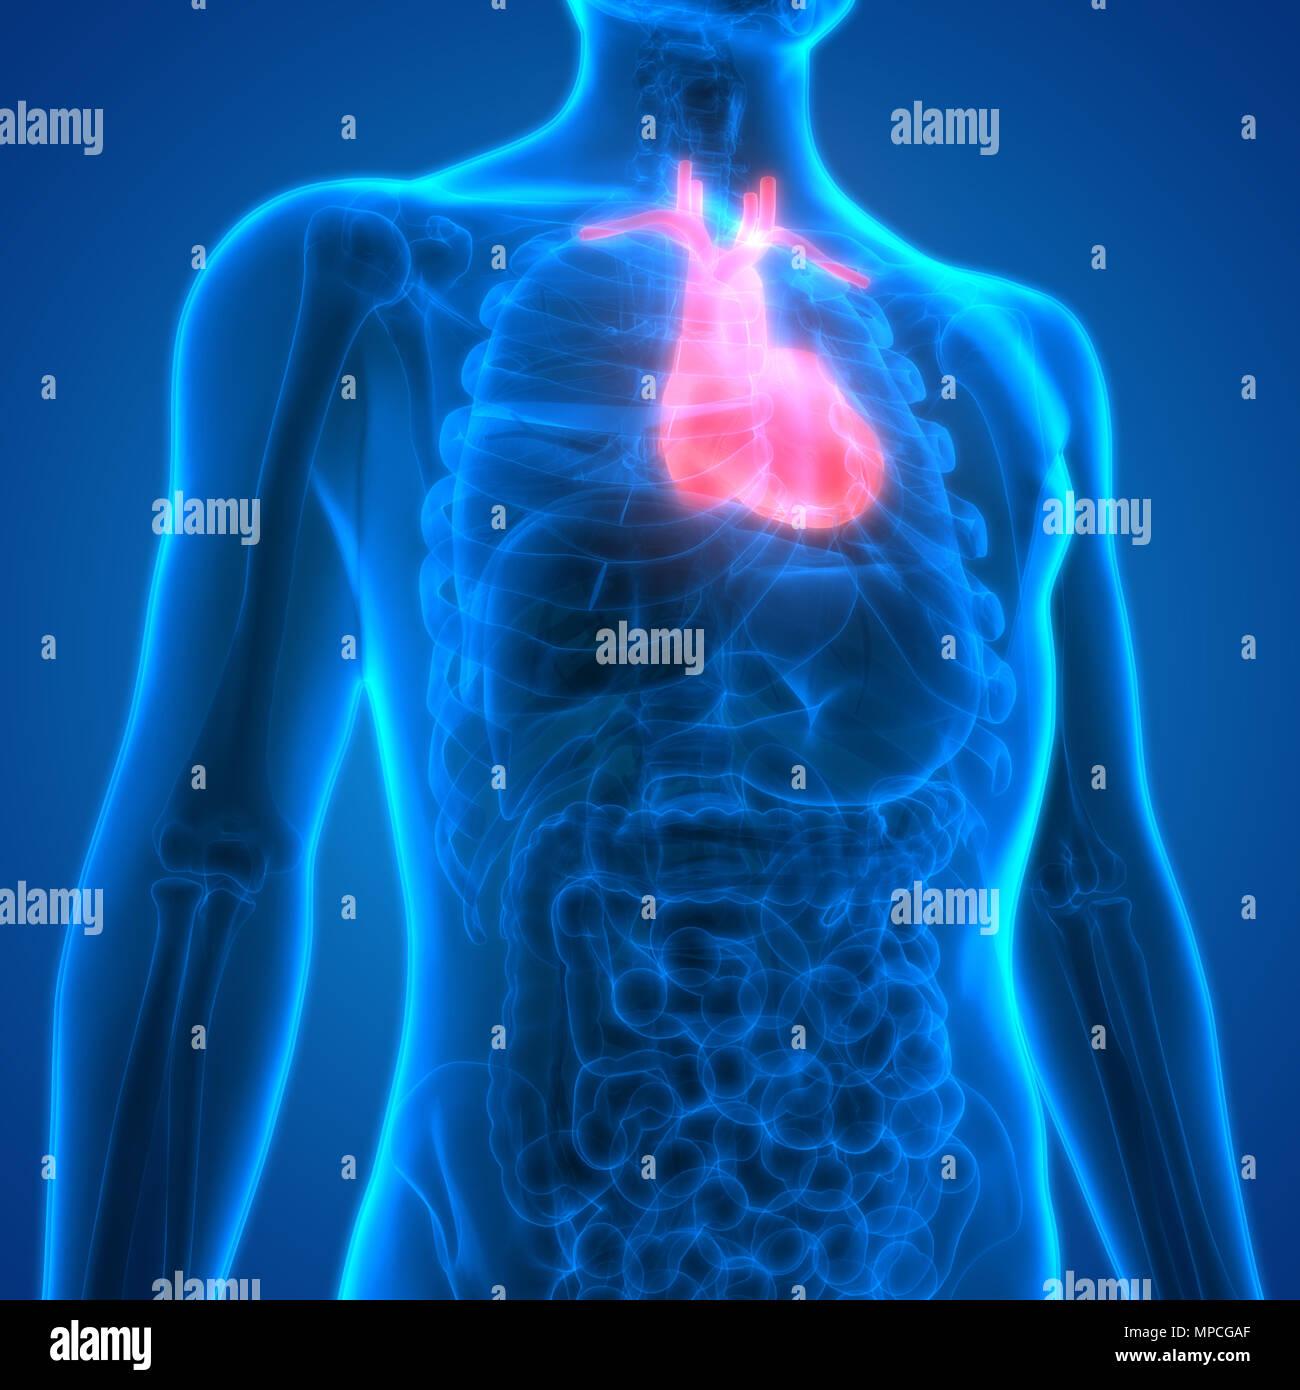 Atractivo Diagrama No Marcado Del Esqueleto Humano Foto - Anatomía ...